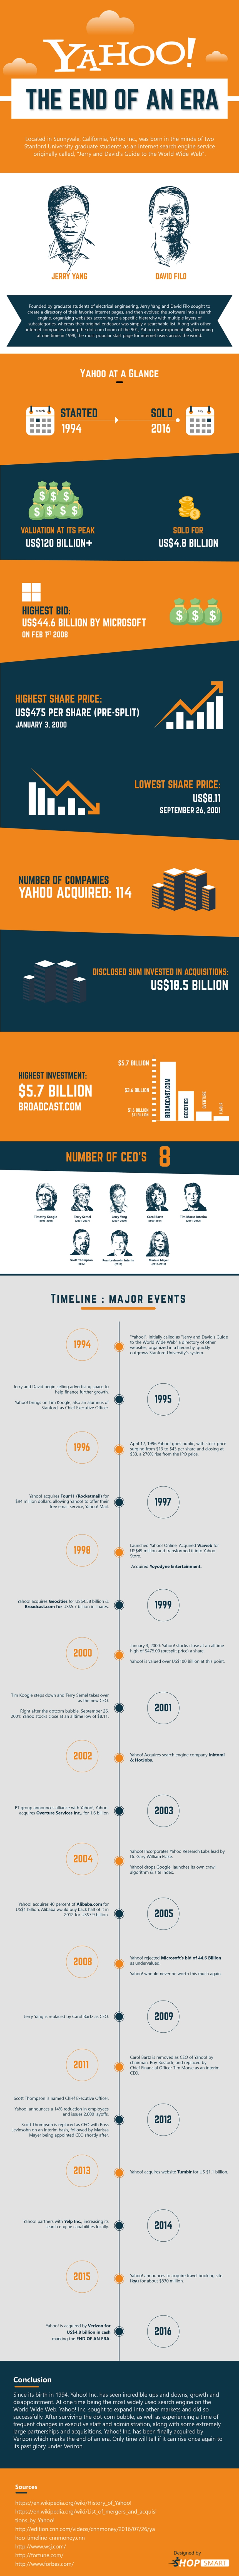 yahoo-el-final-de-una-era-infografia